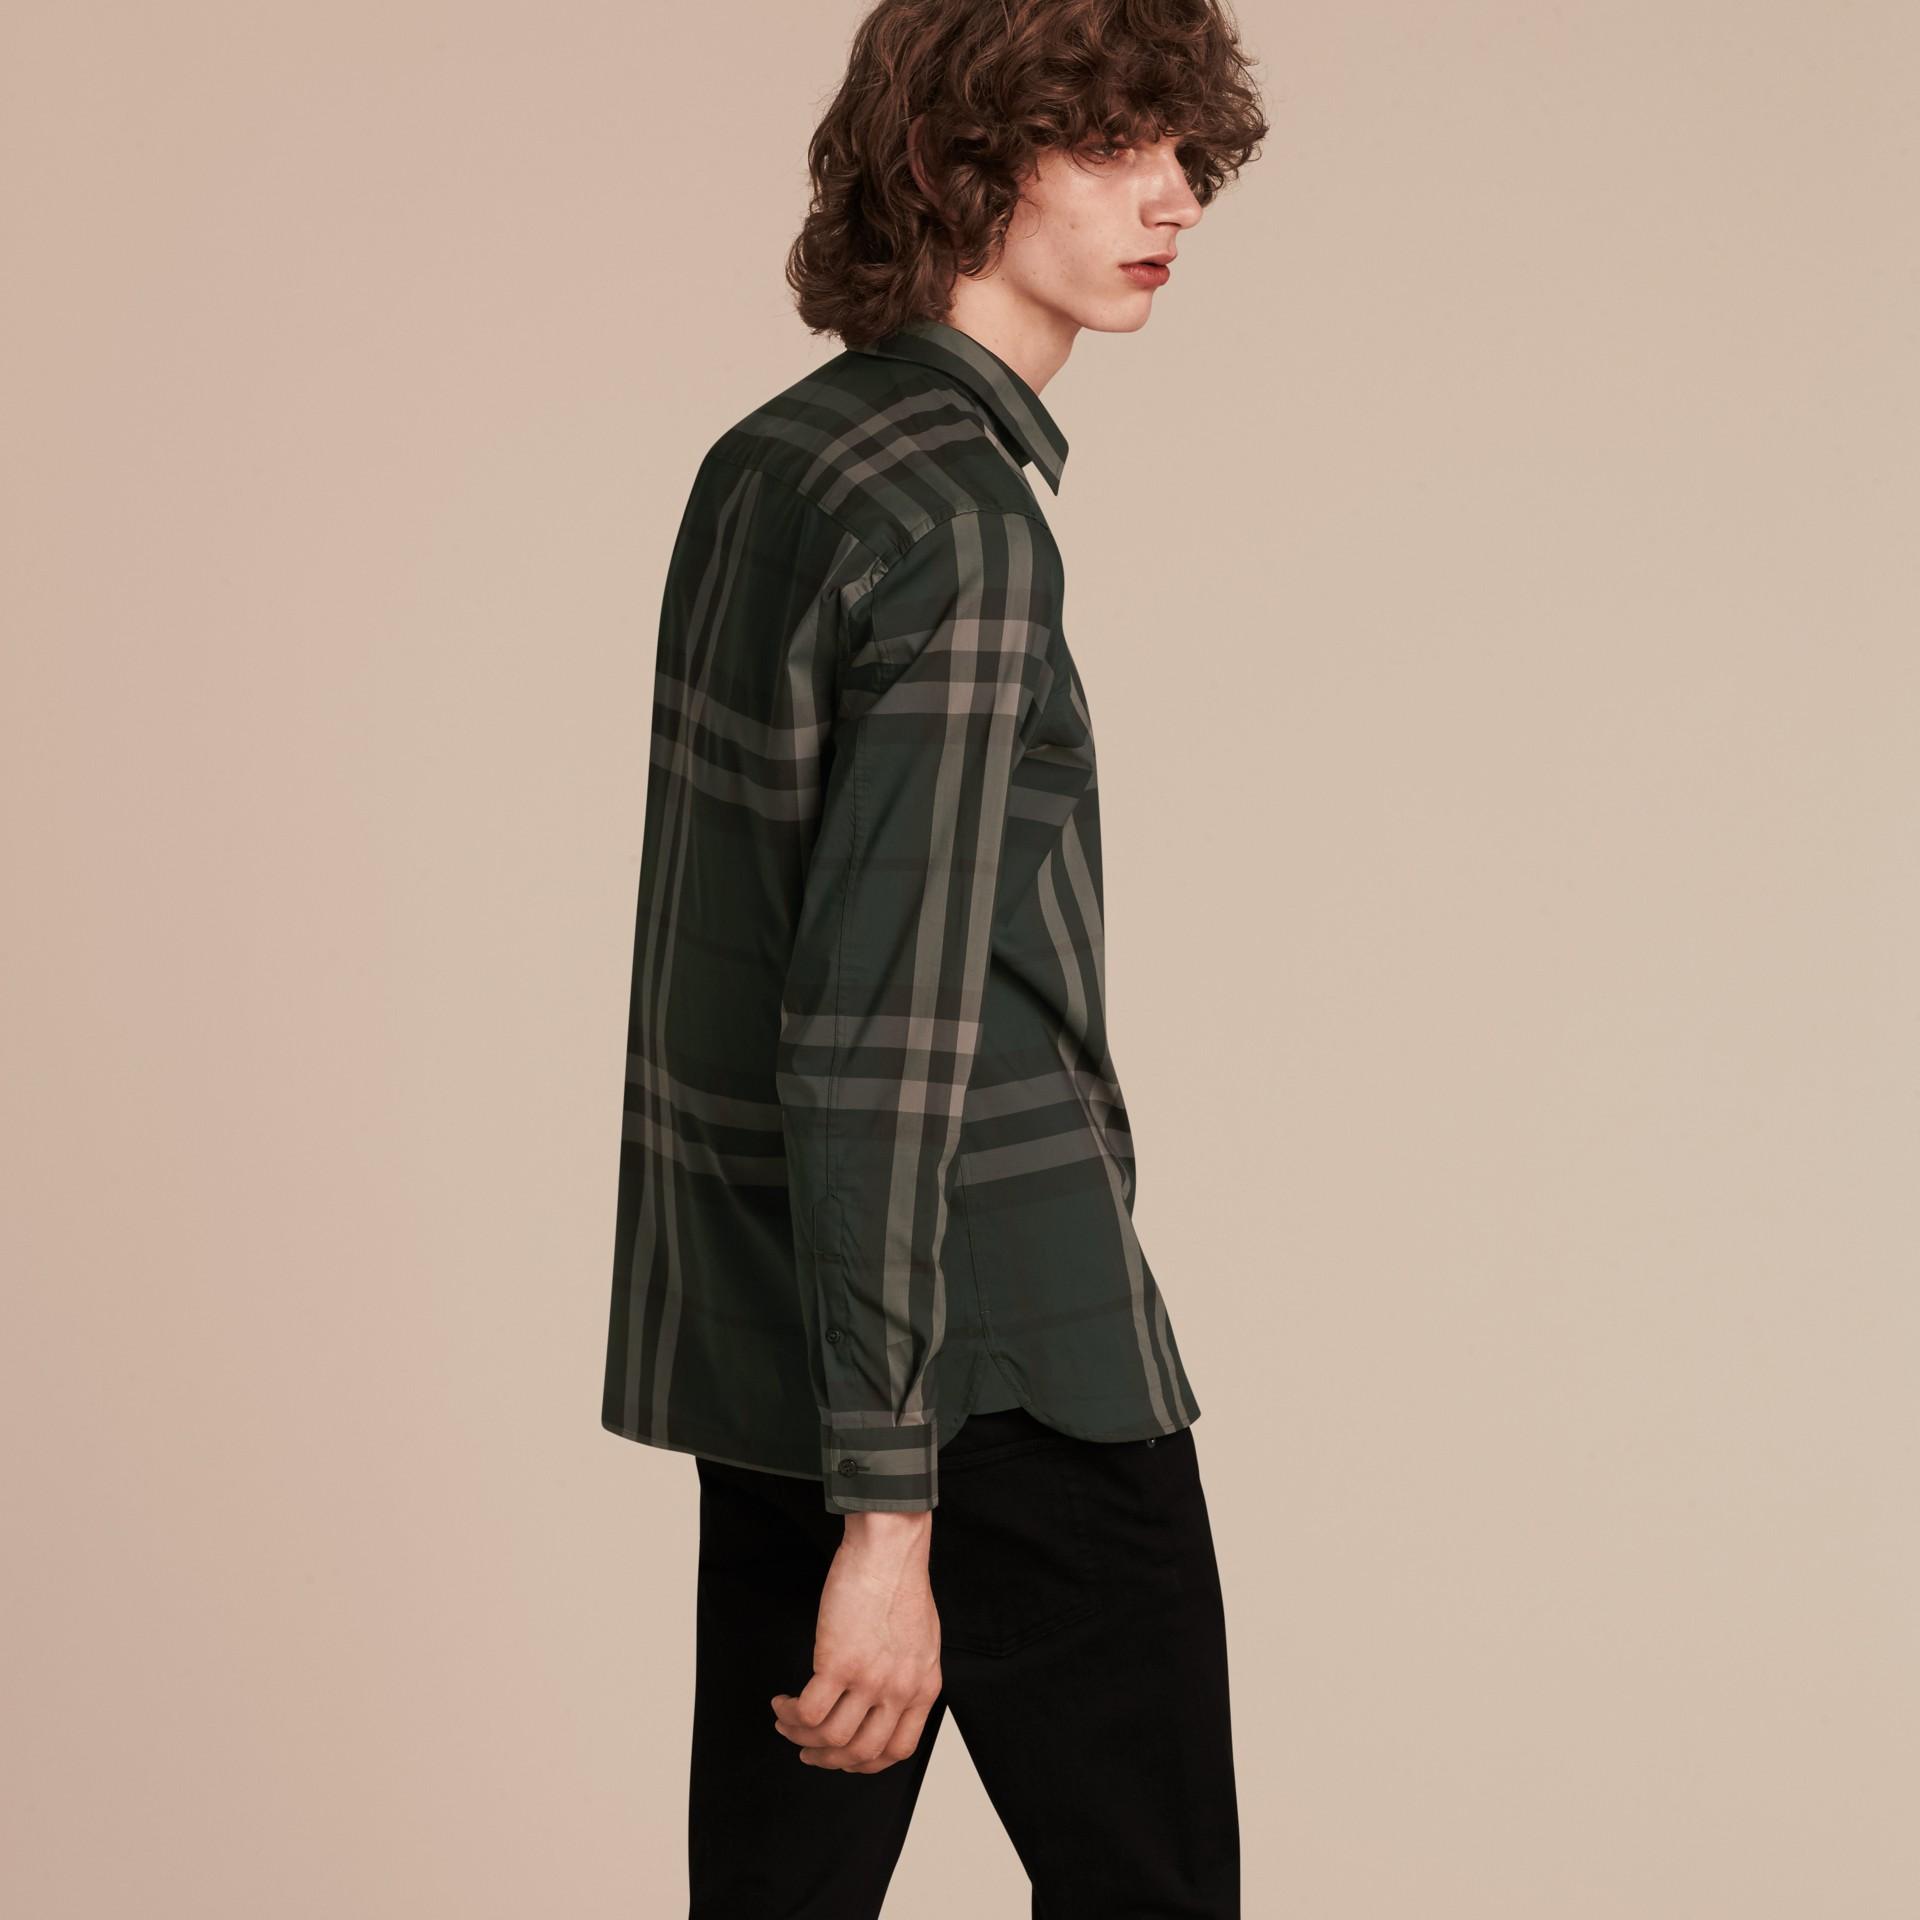 Verdone Camicia in cotone stretch con motivo check Verdone - immagine della galleria 3